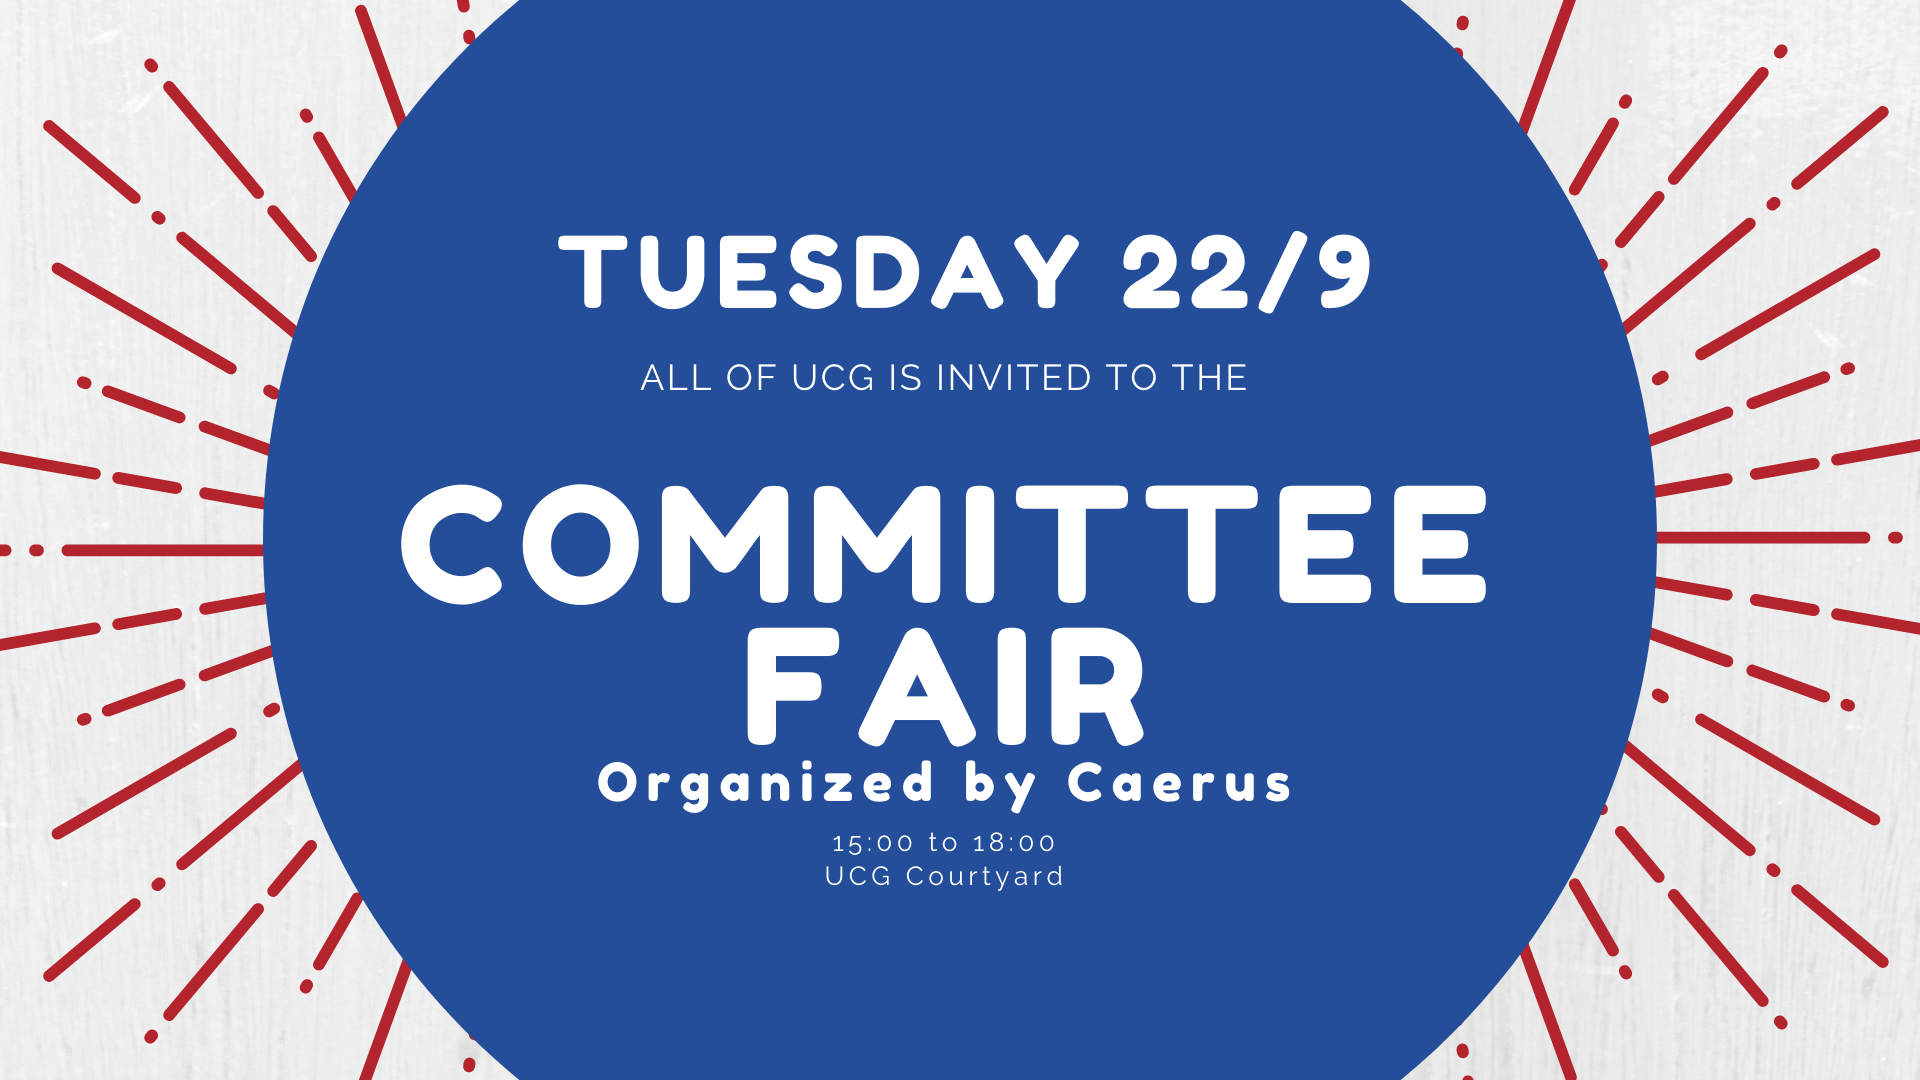 Committee Fair